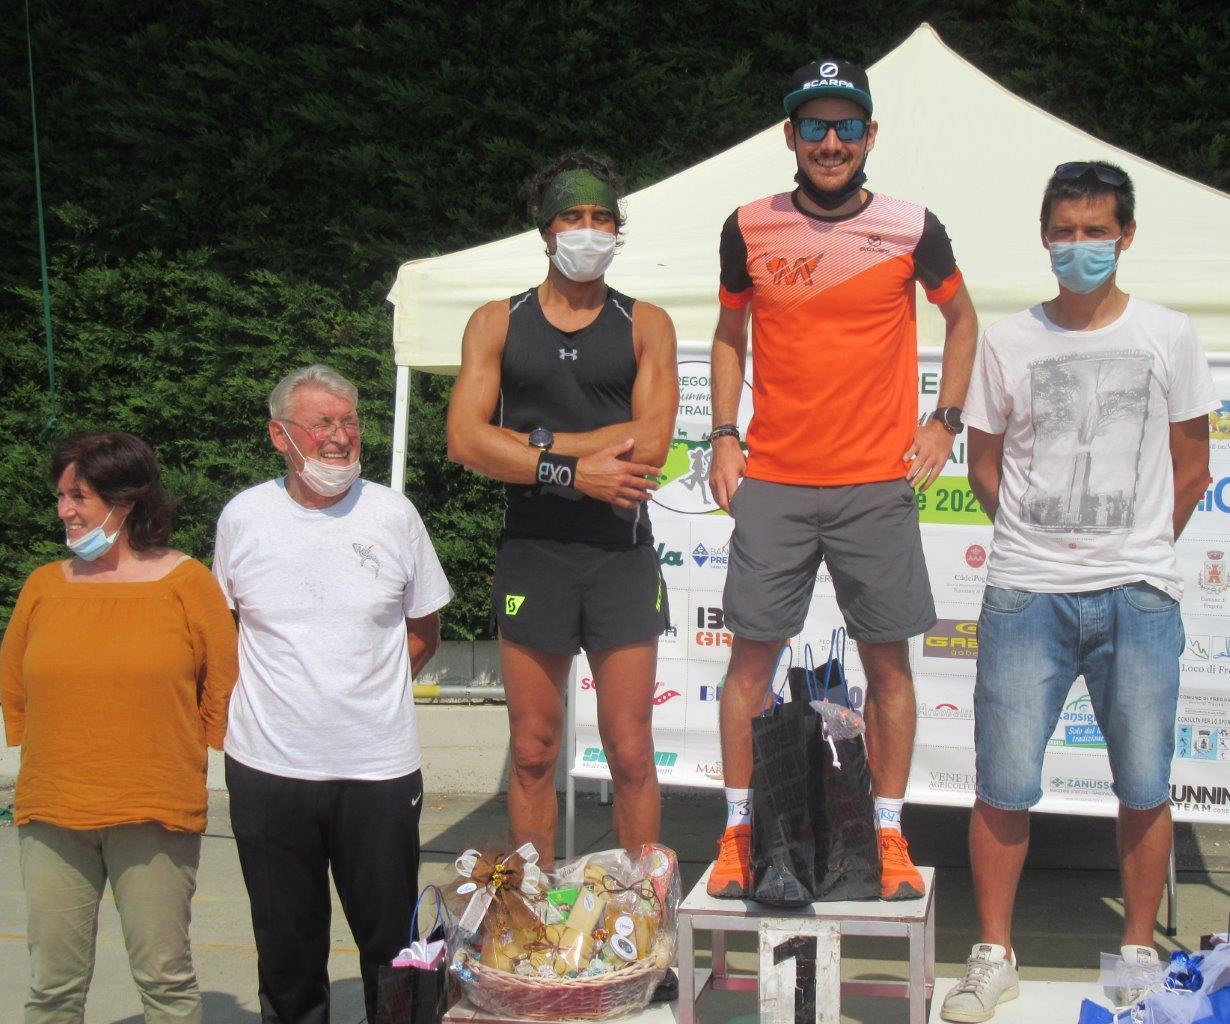 fstb_il-podio-maschile-della-222-km.jpg